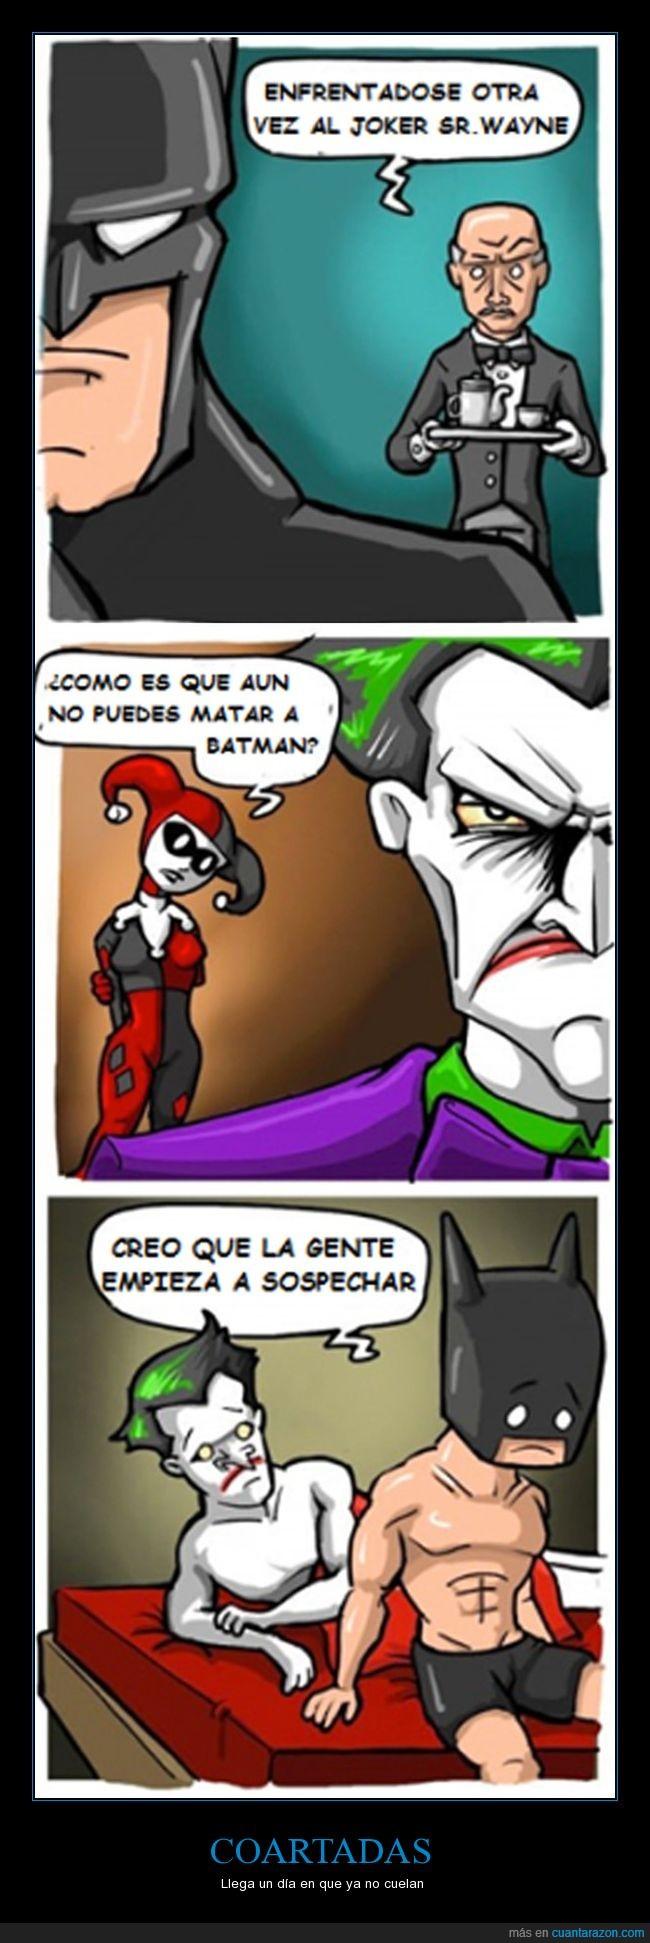 affair,batman,joker,lios de cama